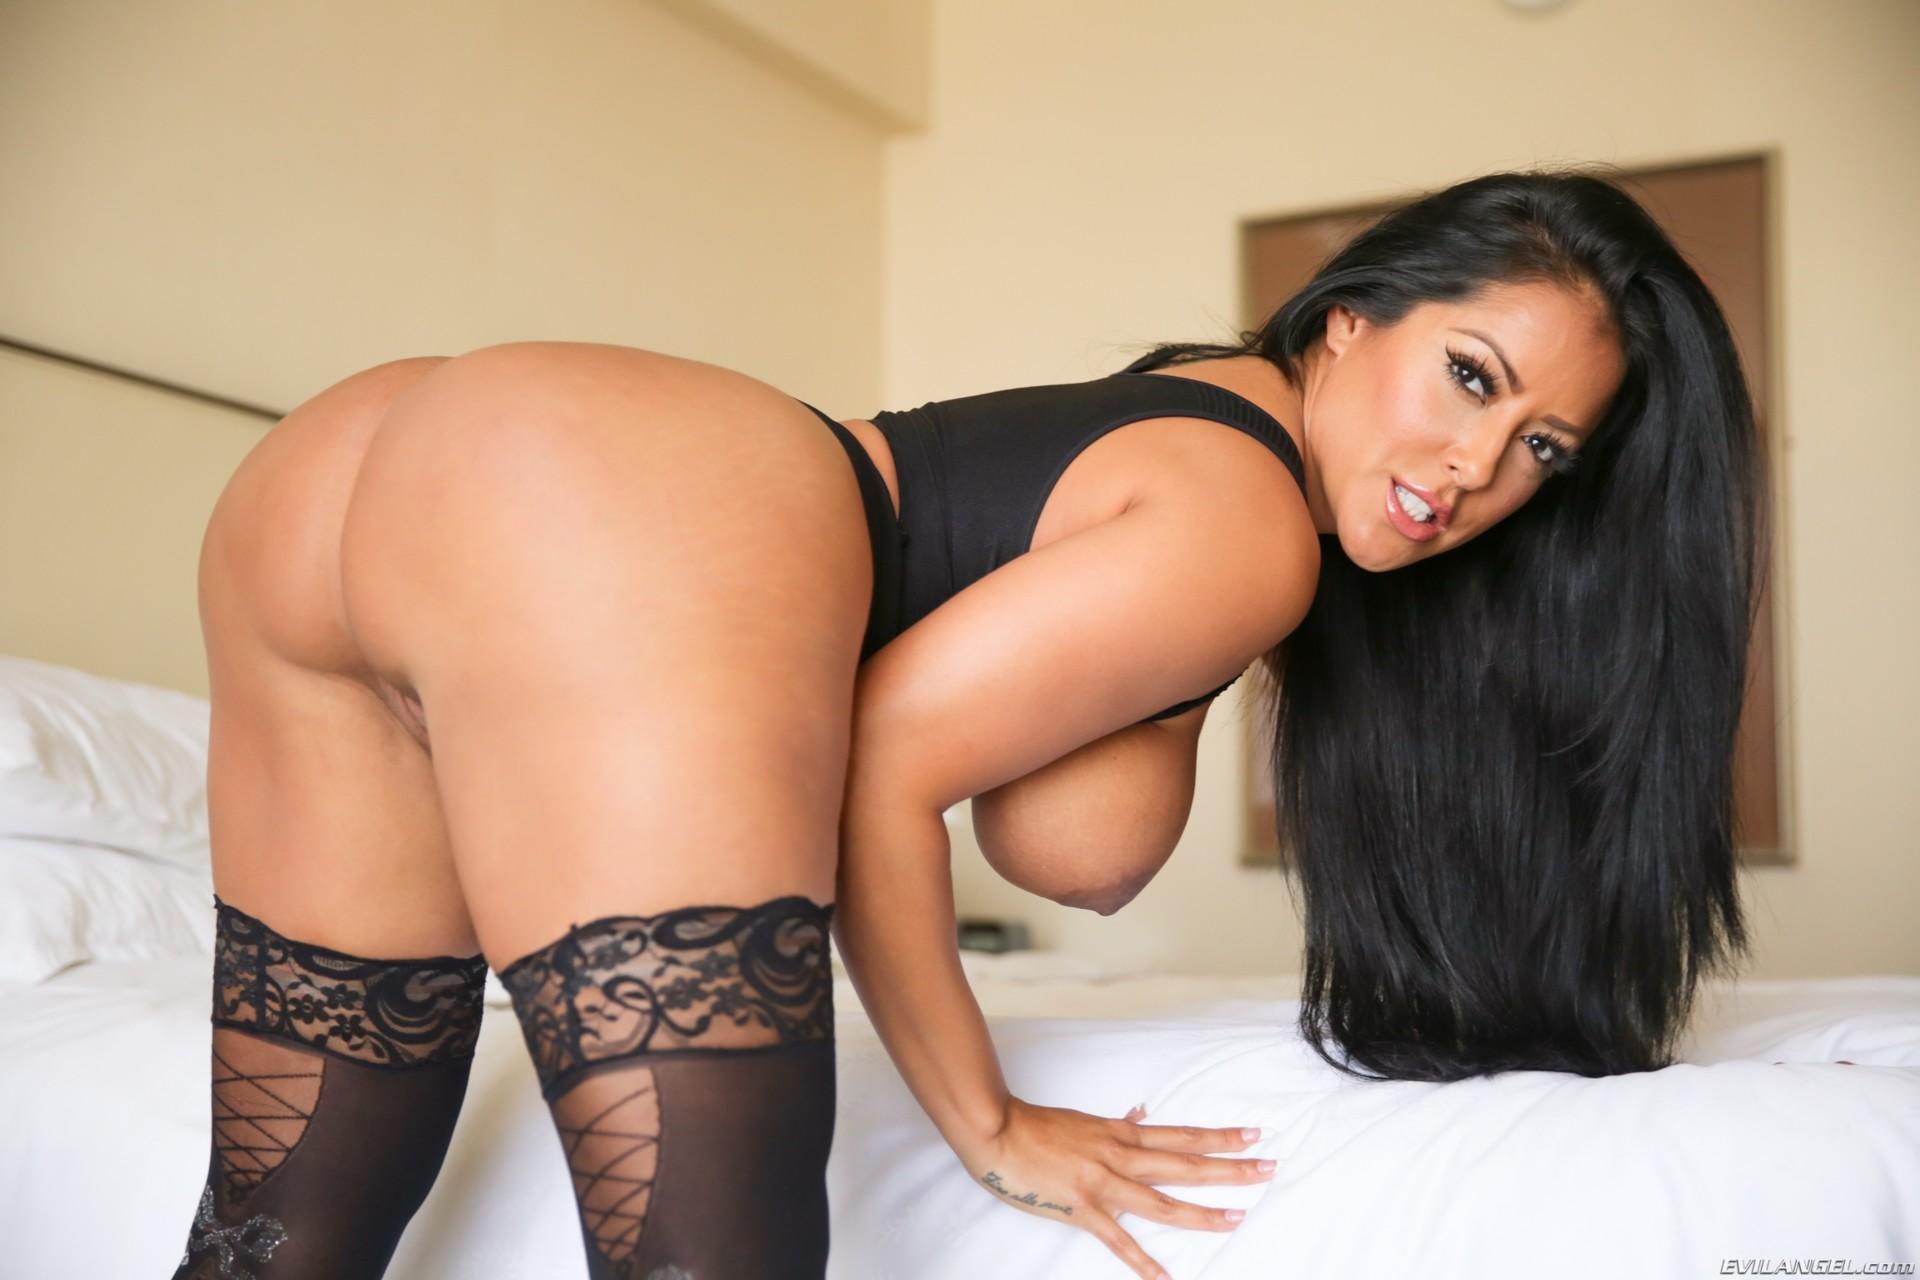 Фото голая латинки, Голые латинки - эротические фото попок и сисек латинок 14 фотография